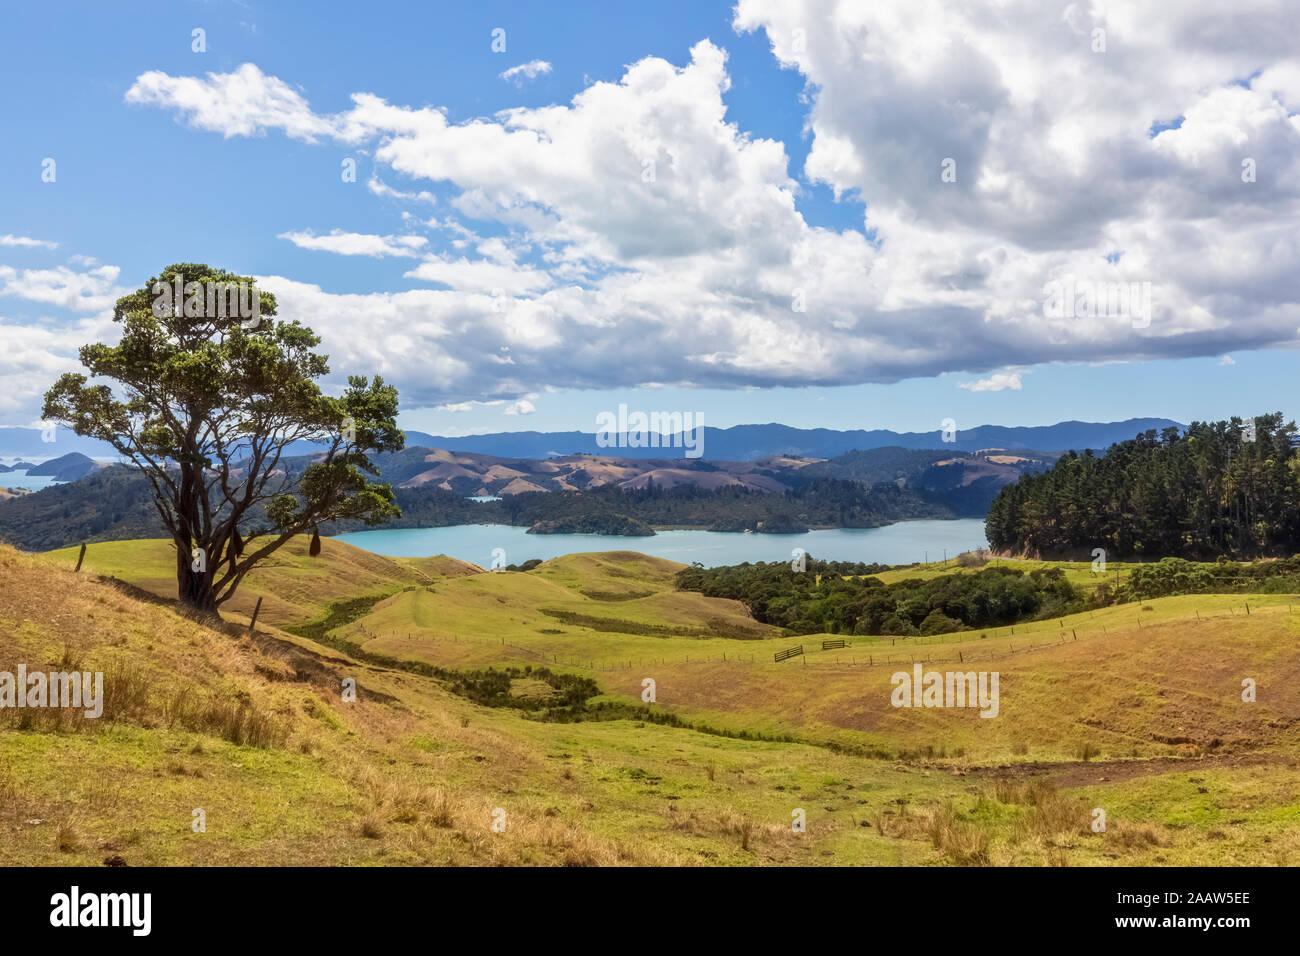 Nouvelle Zélande, île du Nord, Waikato, paysage pittoresque contre ciel nuageux Banque D'Images